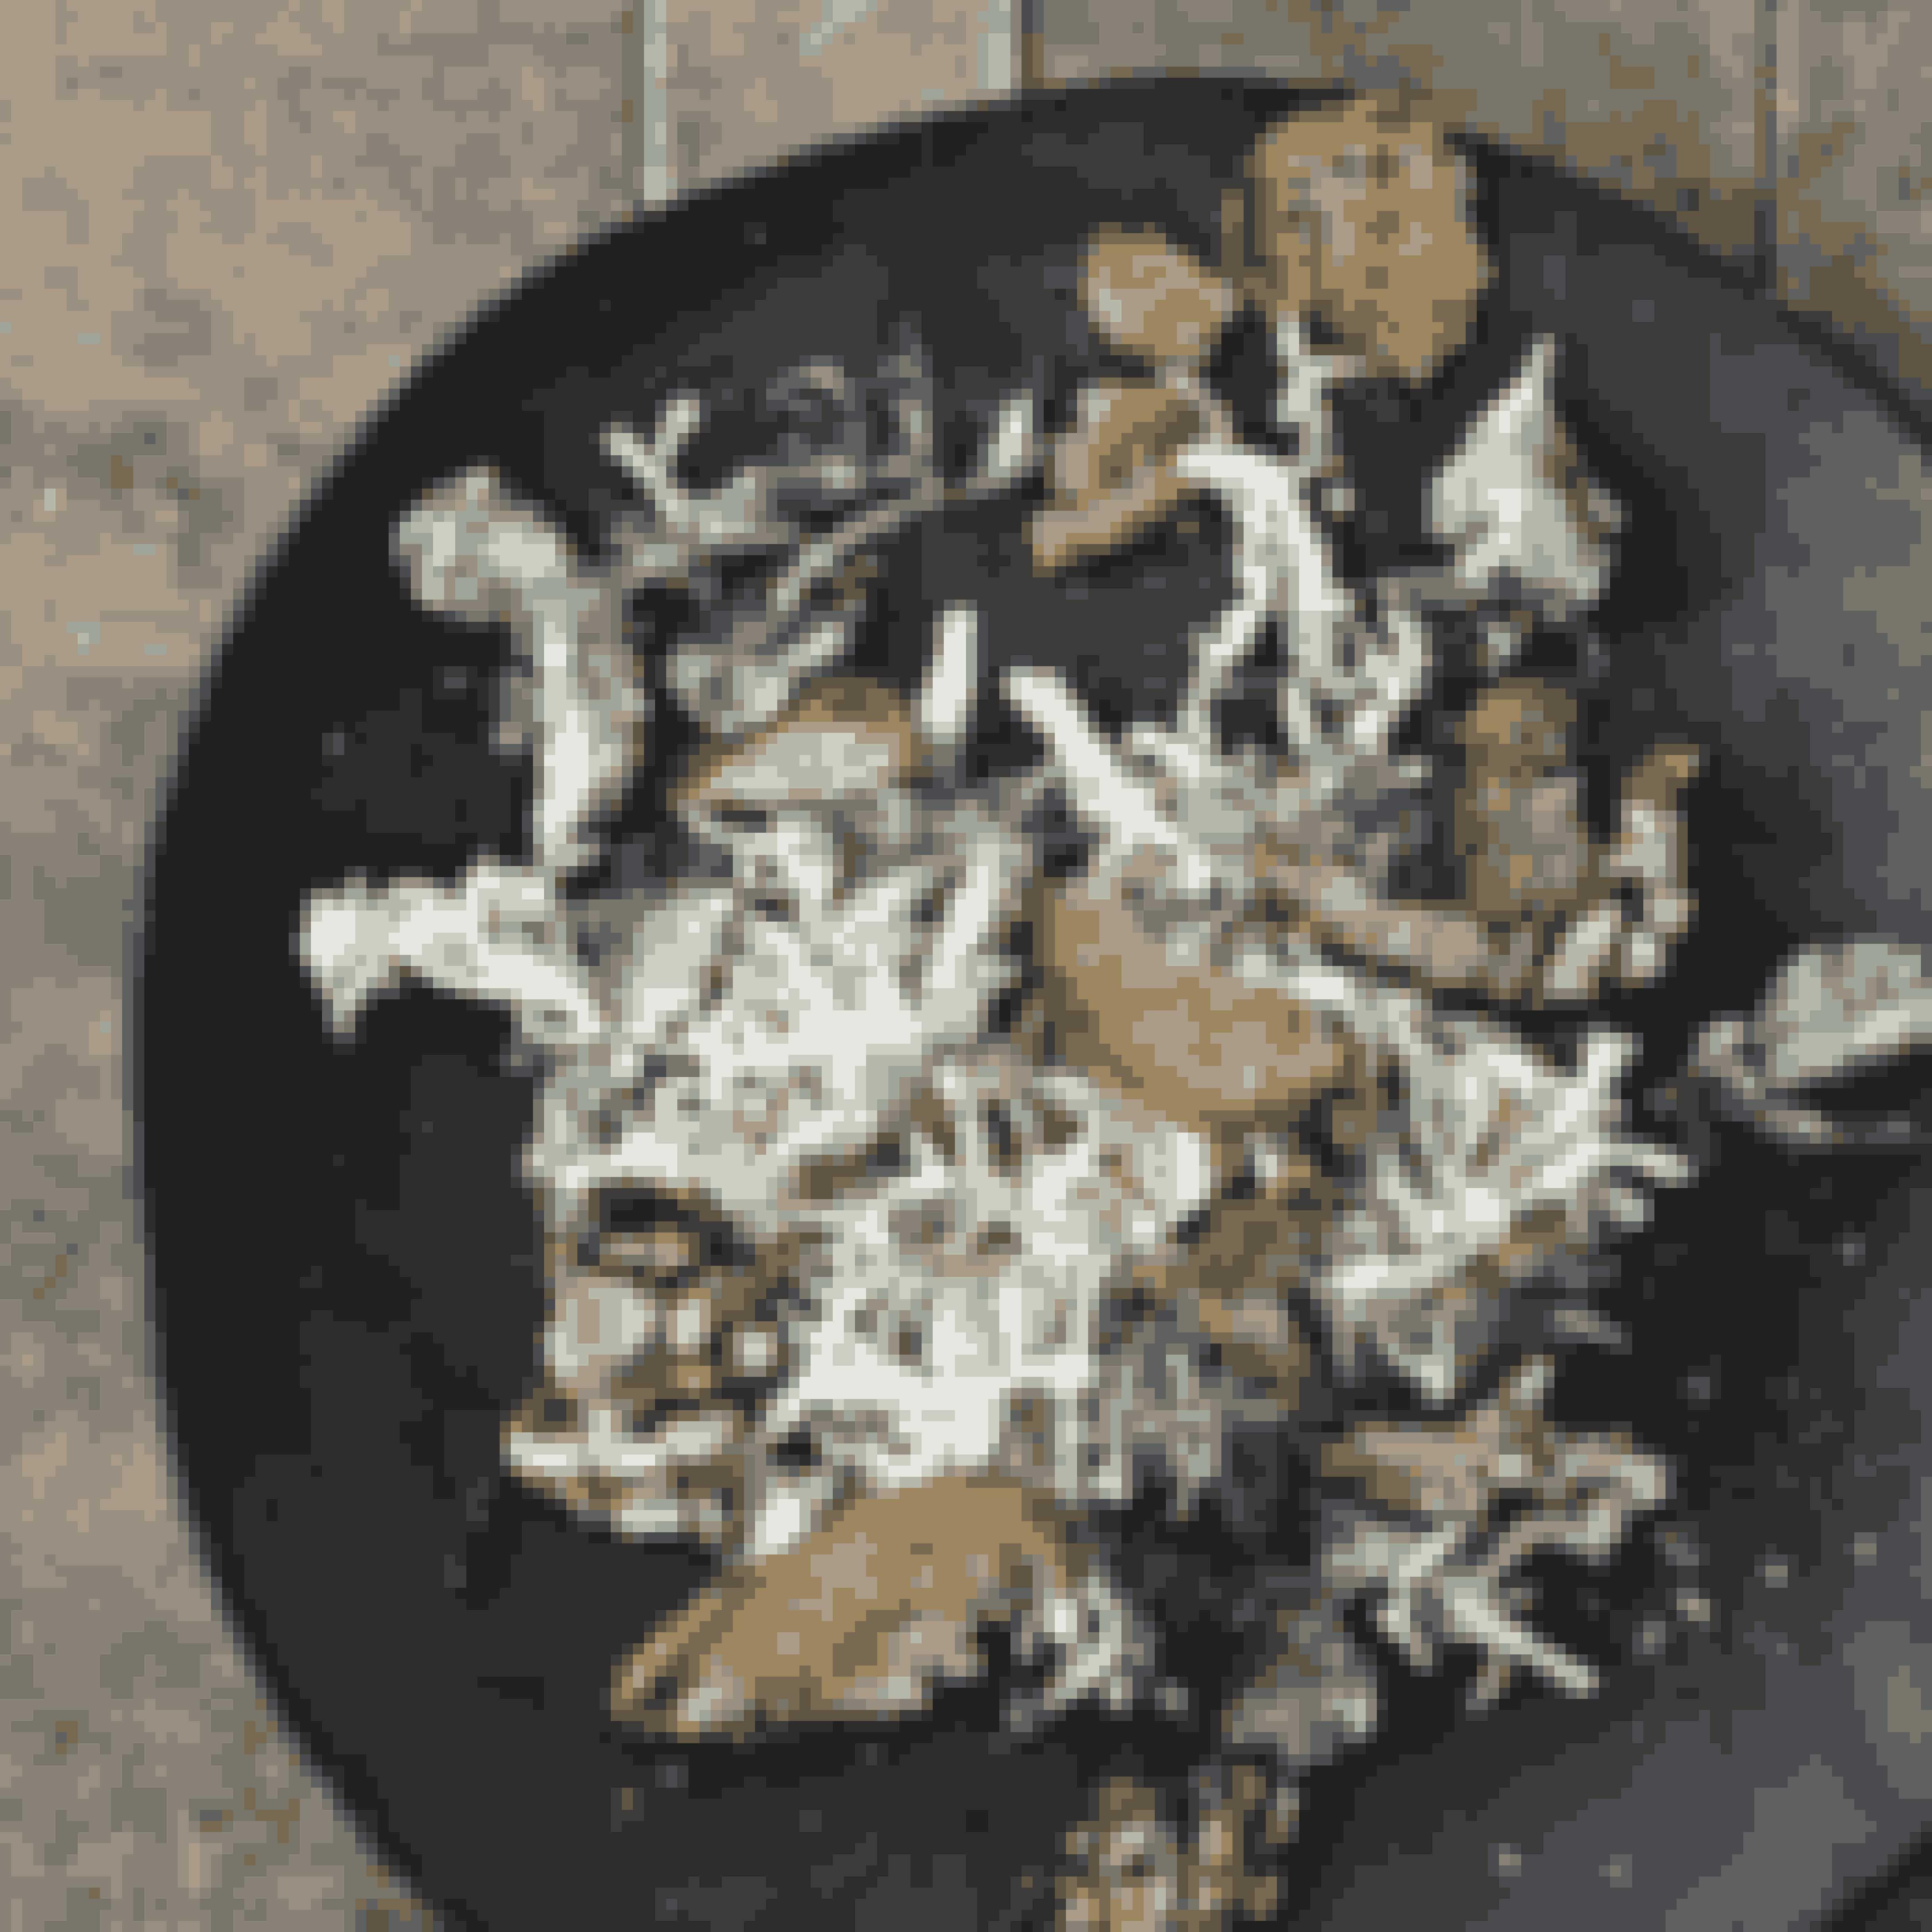 Lad dig ikke afskrække af artiskoks hårde ydre. Bag det gemmer sig et blødt og delikat indre. Nyd artiskok som creme, bagt eller helt enkelt med kryddersmør, eller som her, hvor vi har kreeret en fristende salat med ansjosdressing!Find opskriften her!